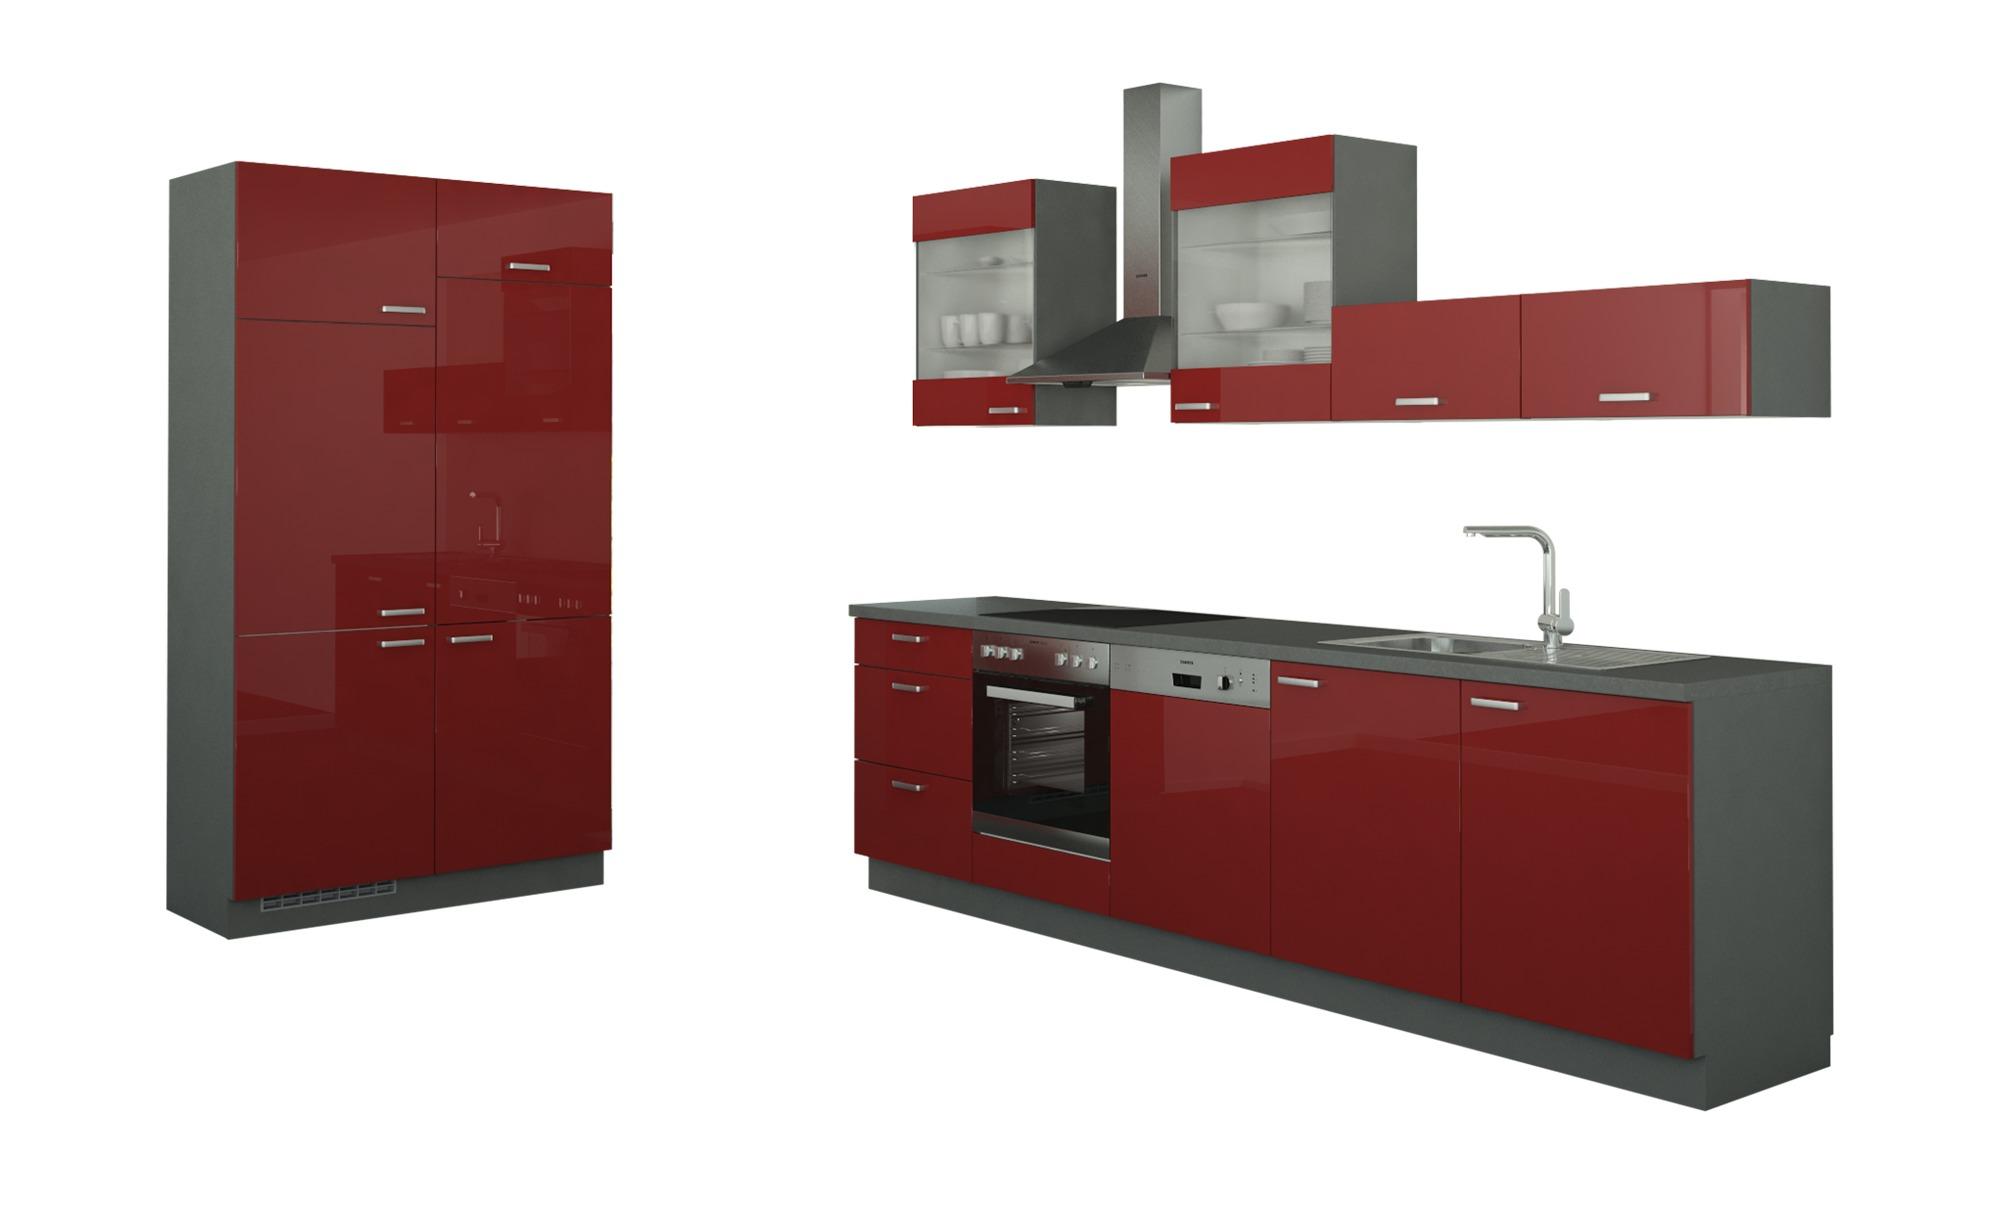 Küchenzeile ohne Elektrogeräte  Potsdam ¦ rot Küchen > Küchenblöcke - Höffner | Küche und Esszimmer > Küchen | Rot | Holzwerkstoff - Glas | Möbel Höffner DE